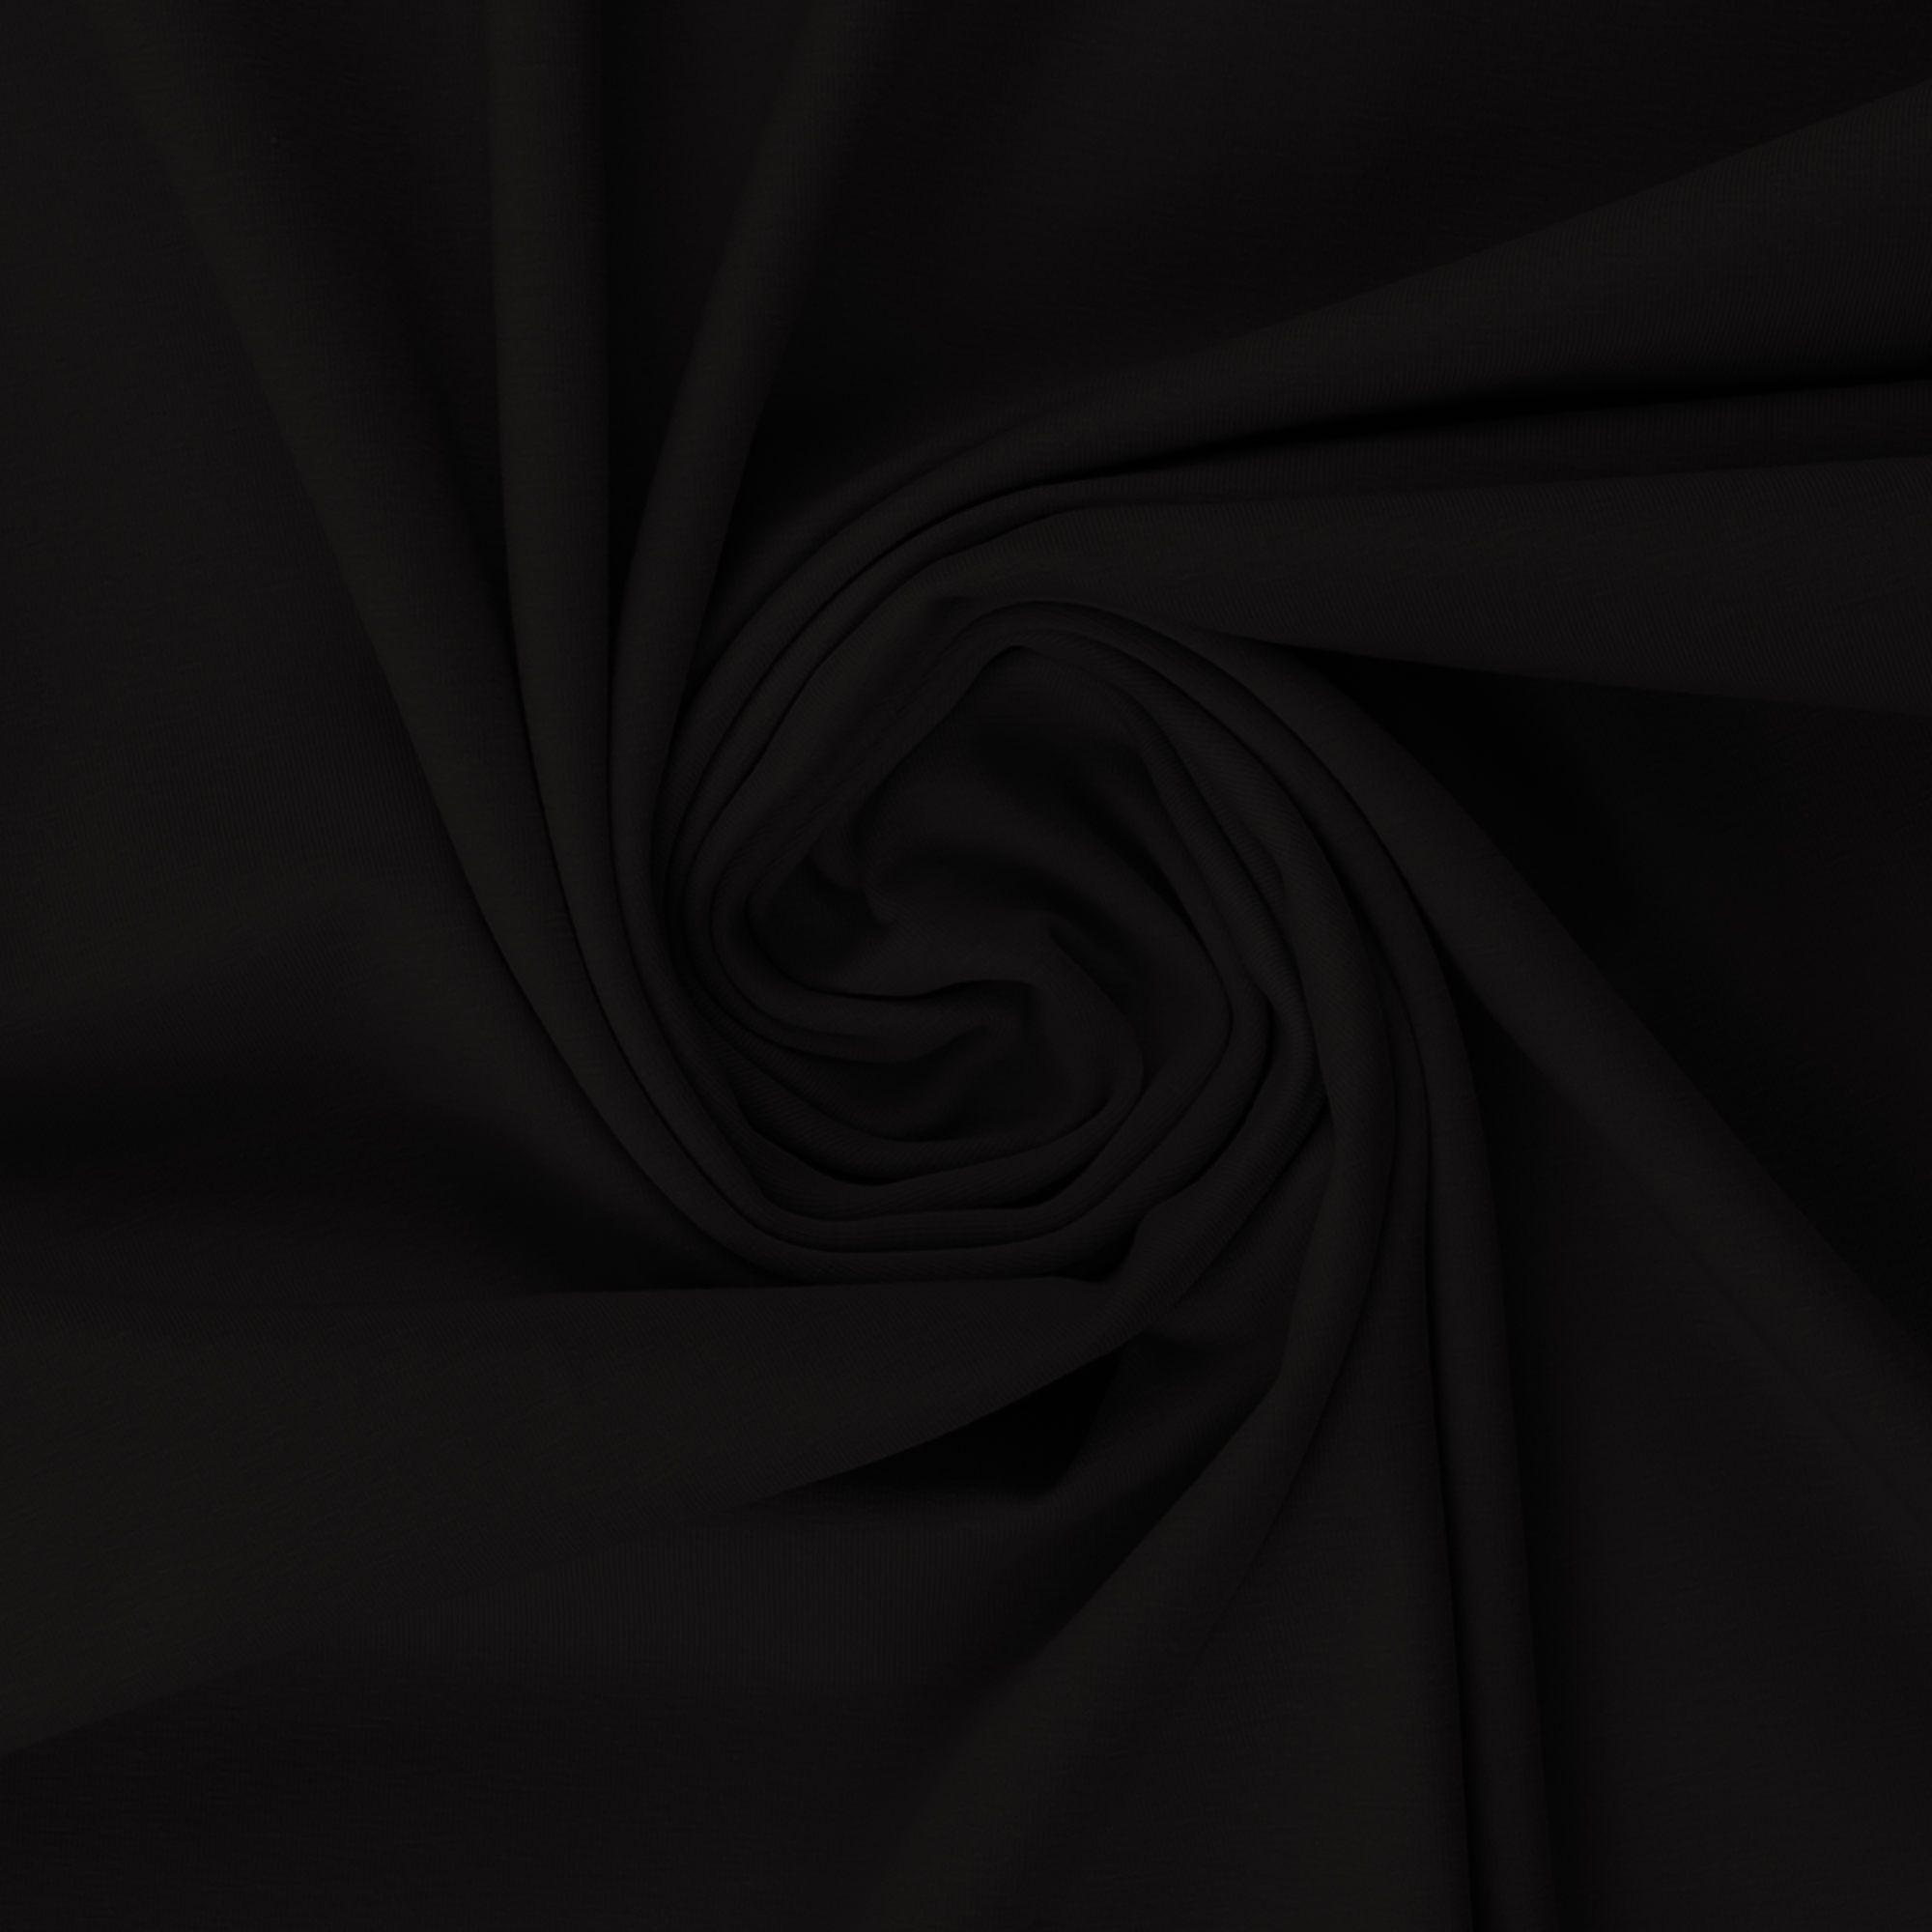 Weicher Jersey in schwarz von Swafing!